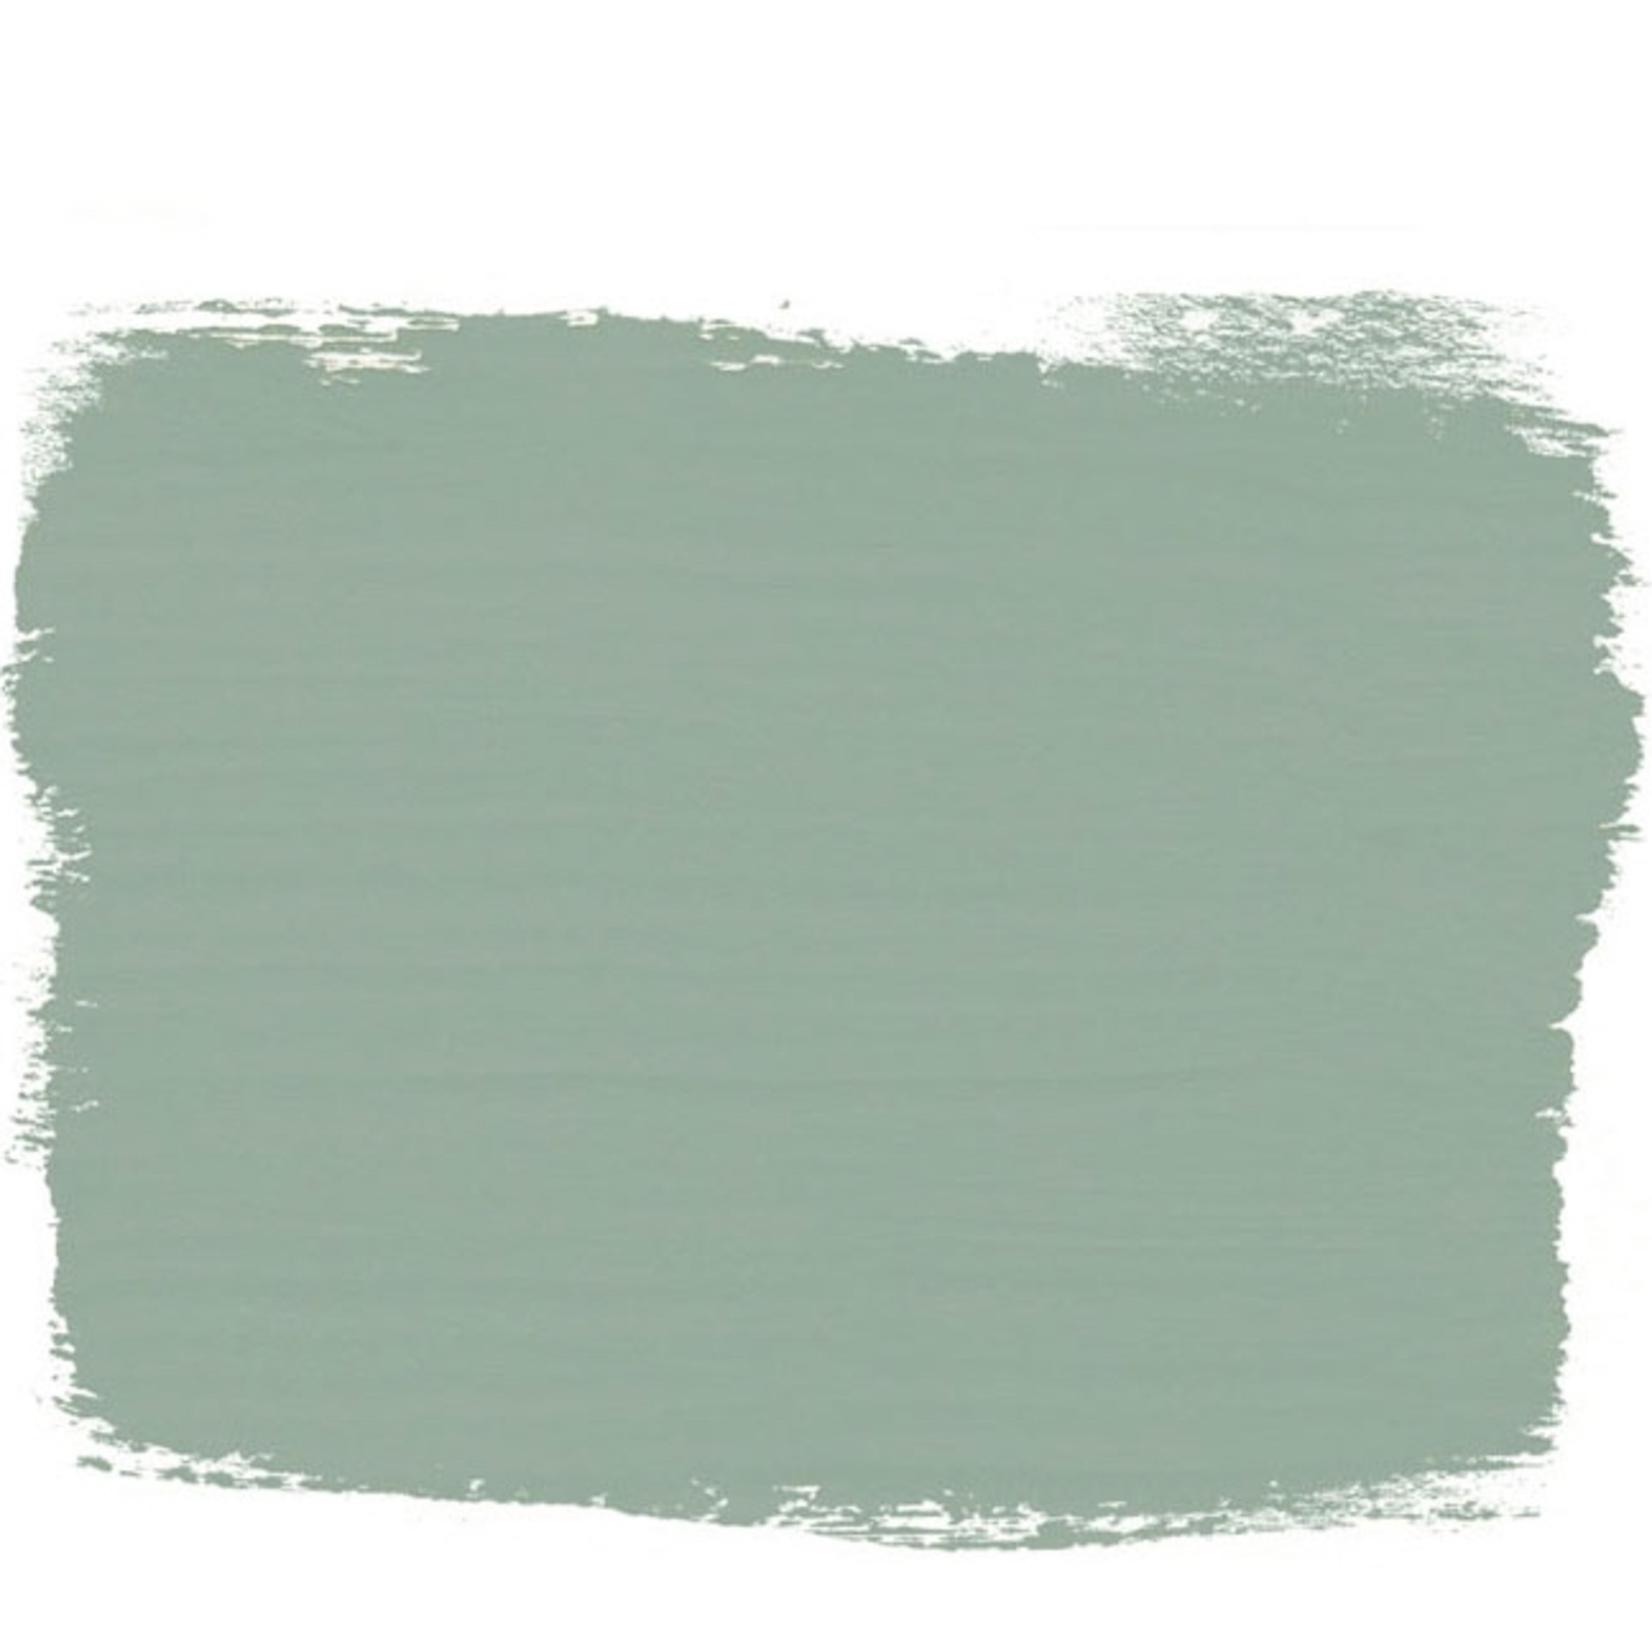 Annie Sloan Annie Sloan Duck Egg wall paint